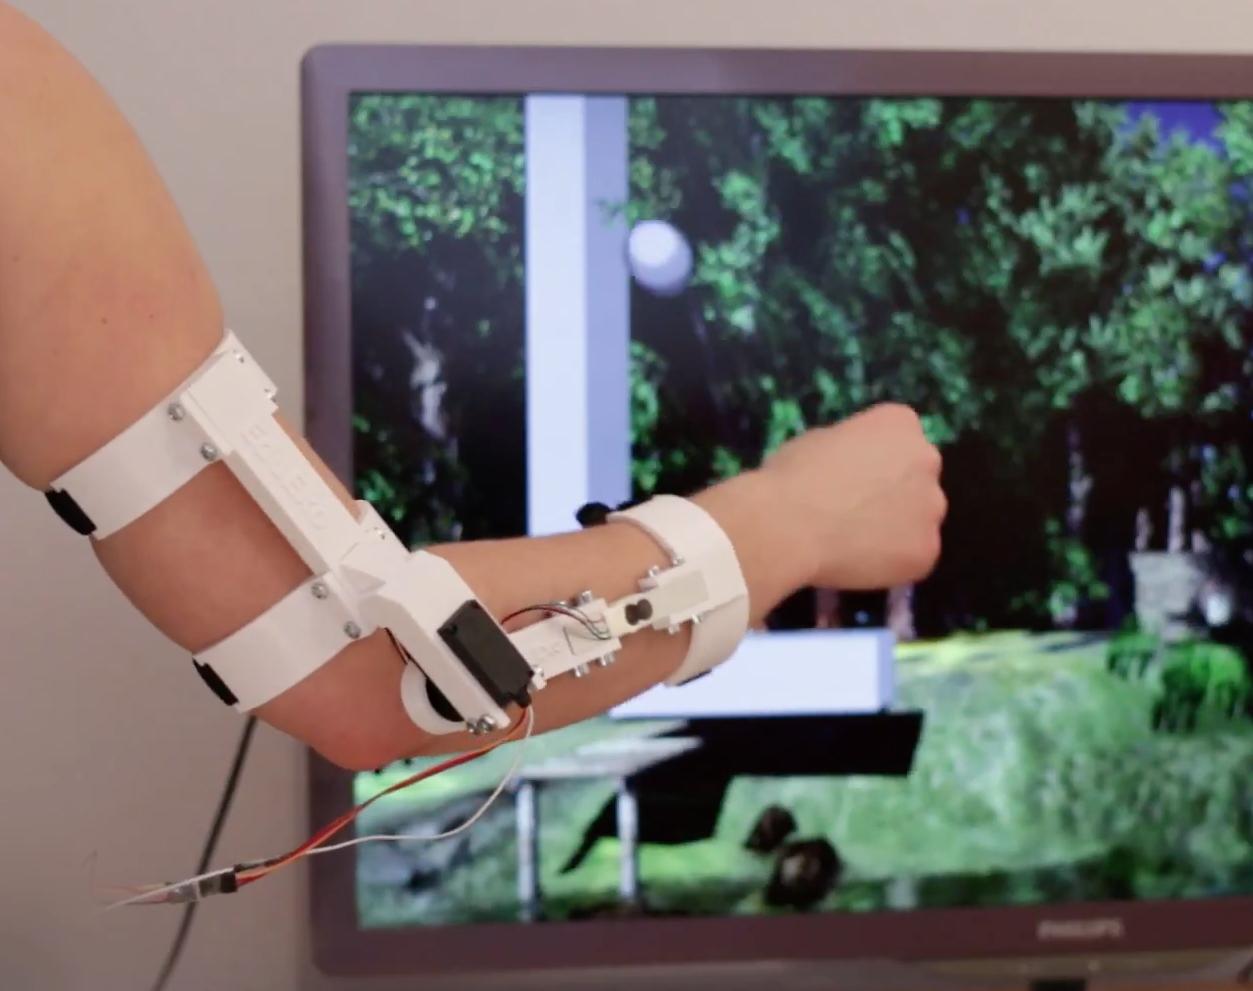 EduExo is a DIY exoskeleton kit